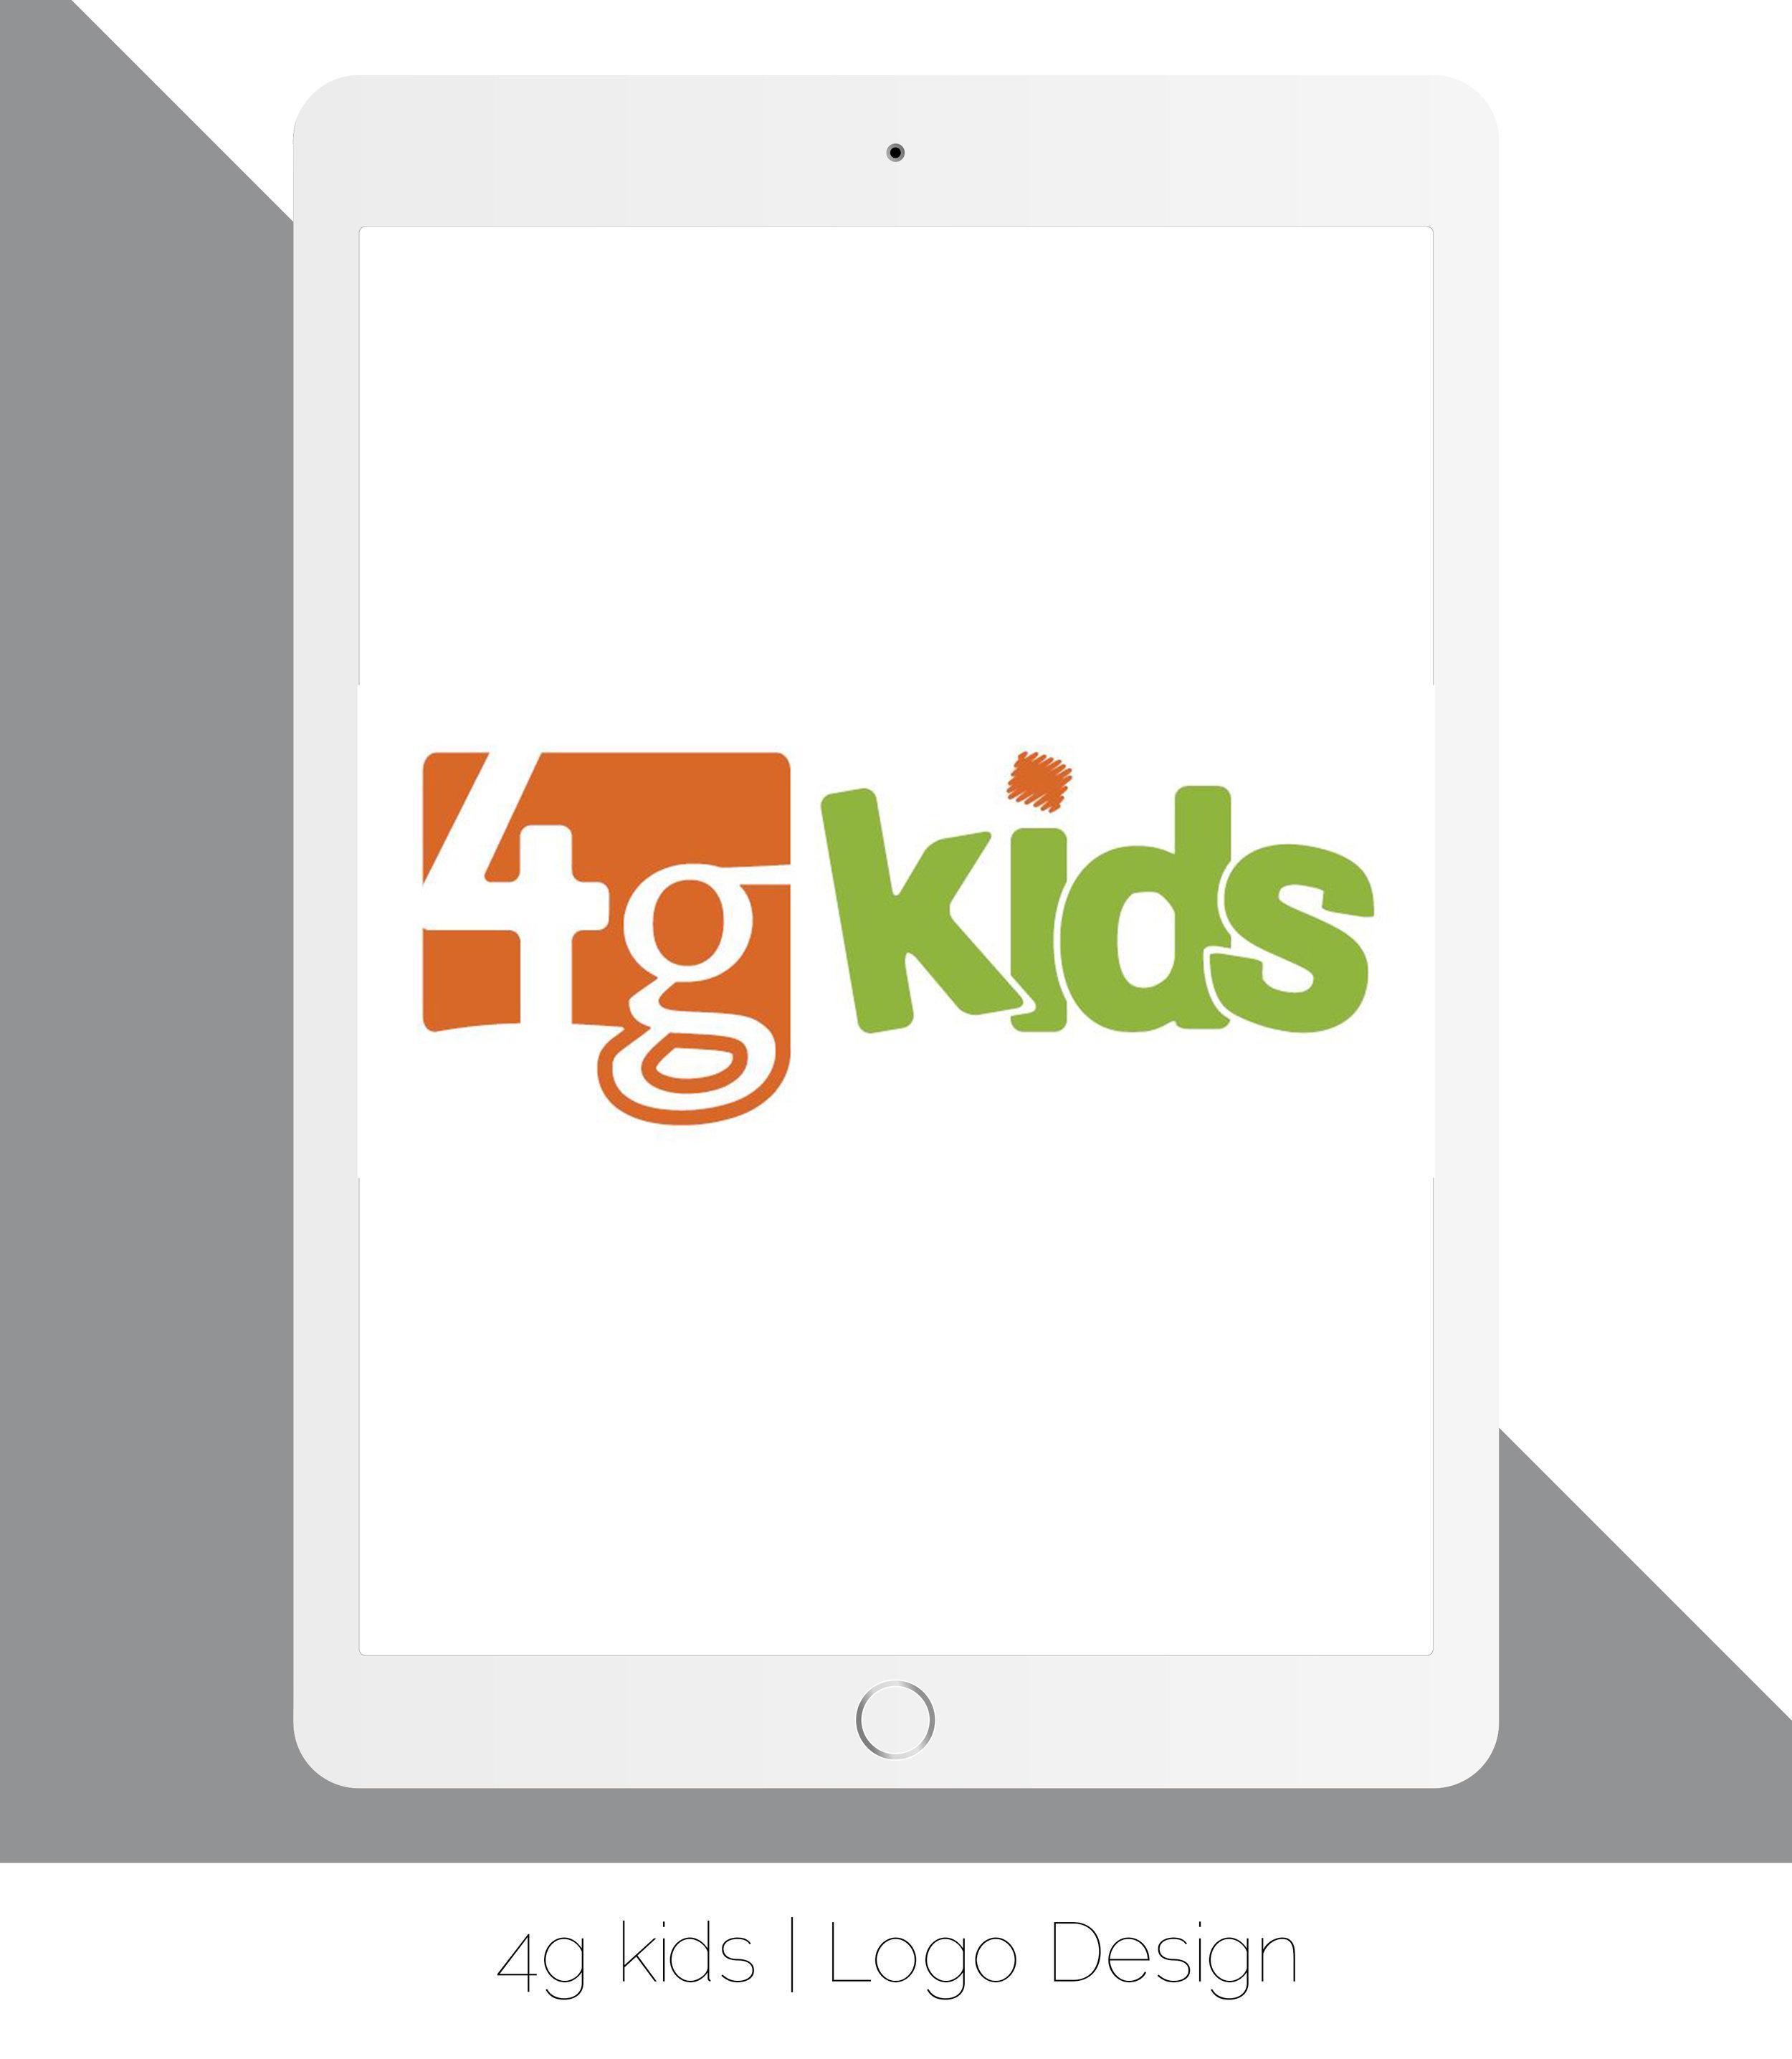 4g kids Cover.jpg